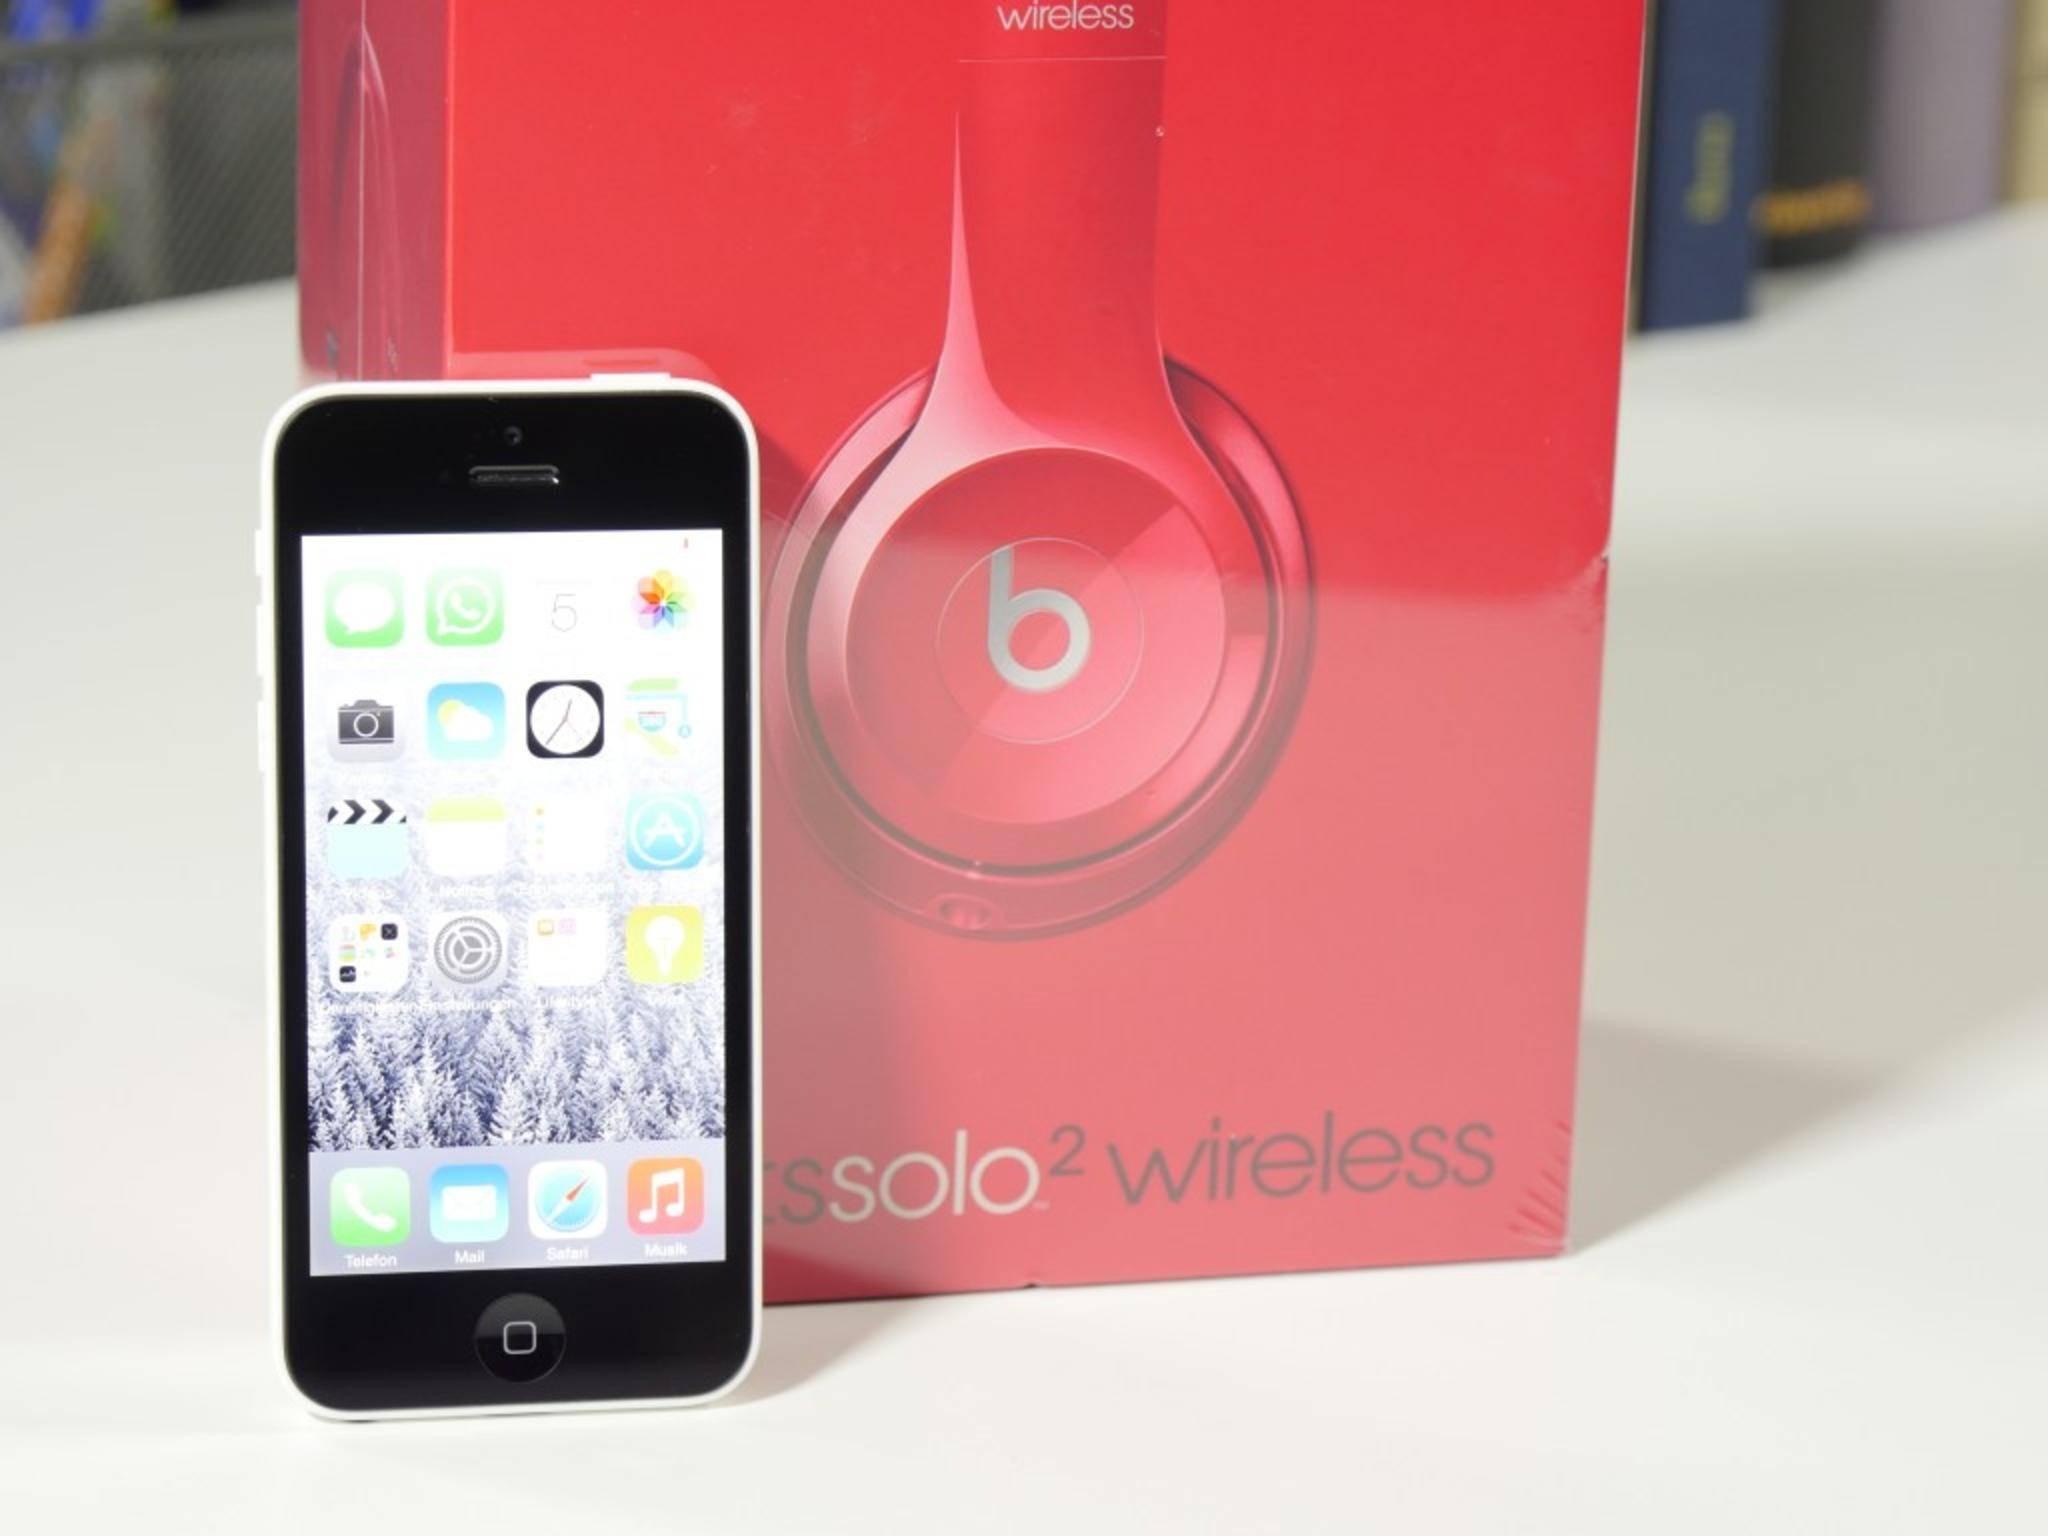 Mit einem iPhone arbeitet der Solo 2 Wireless natürlich besonders gut zusammen.